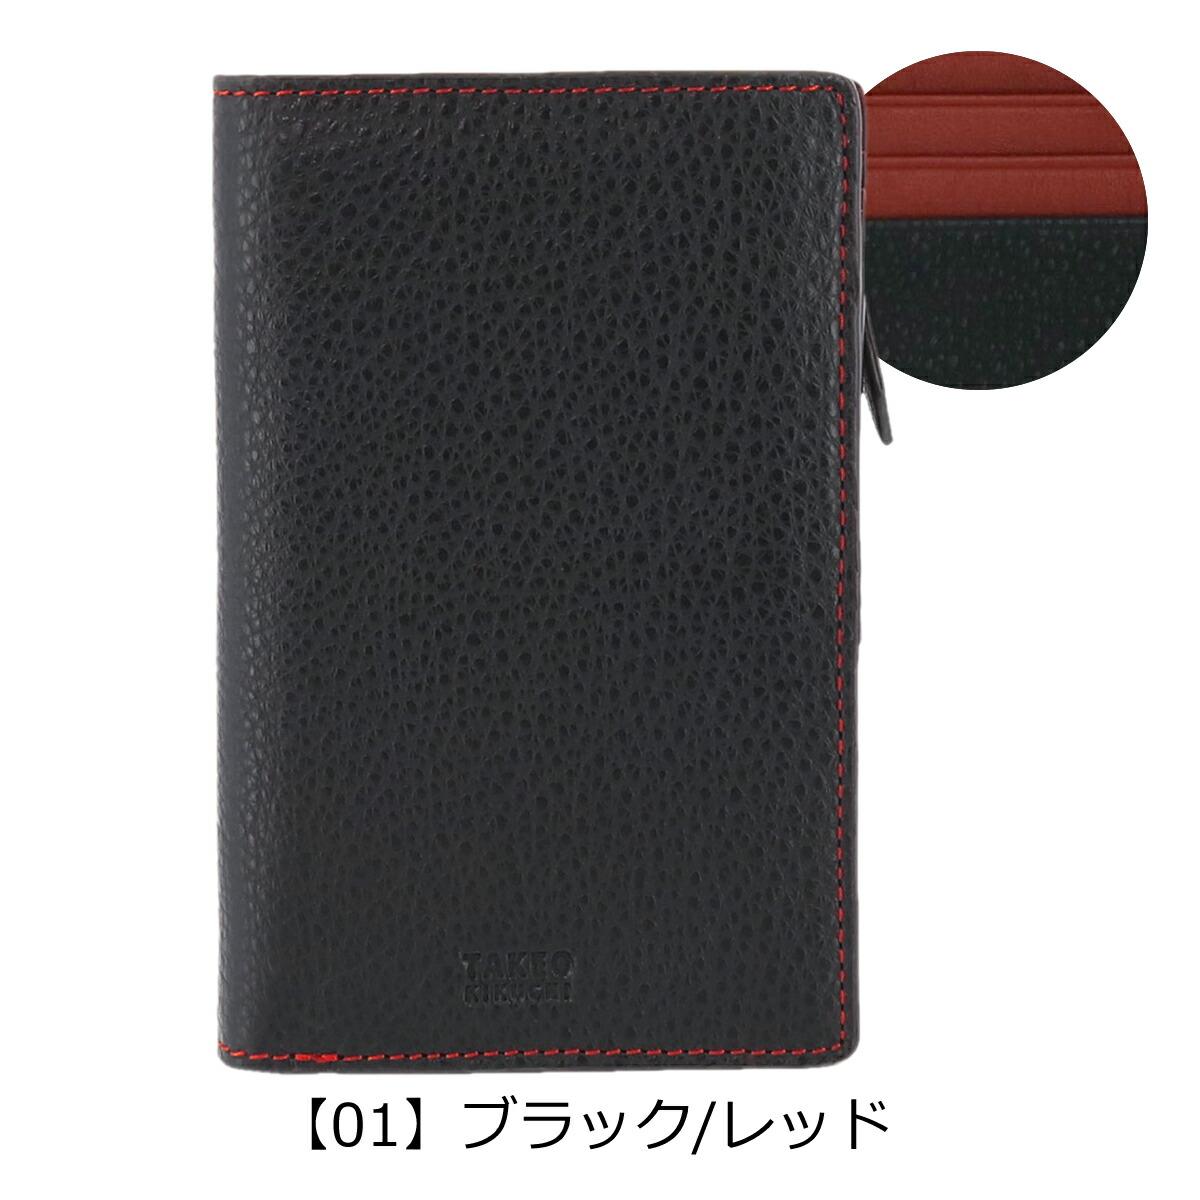 【01】ブラック/レッド